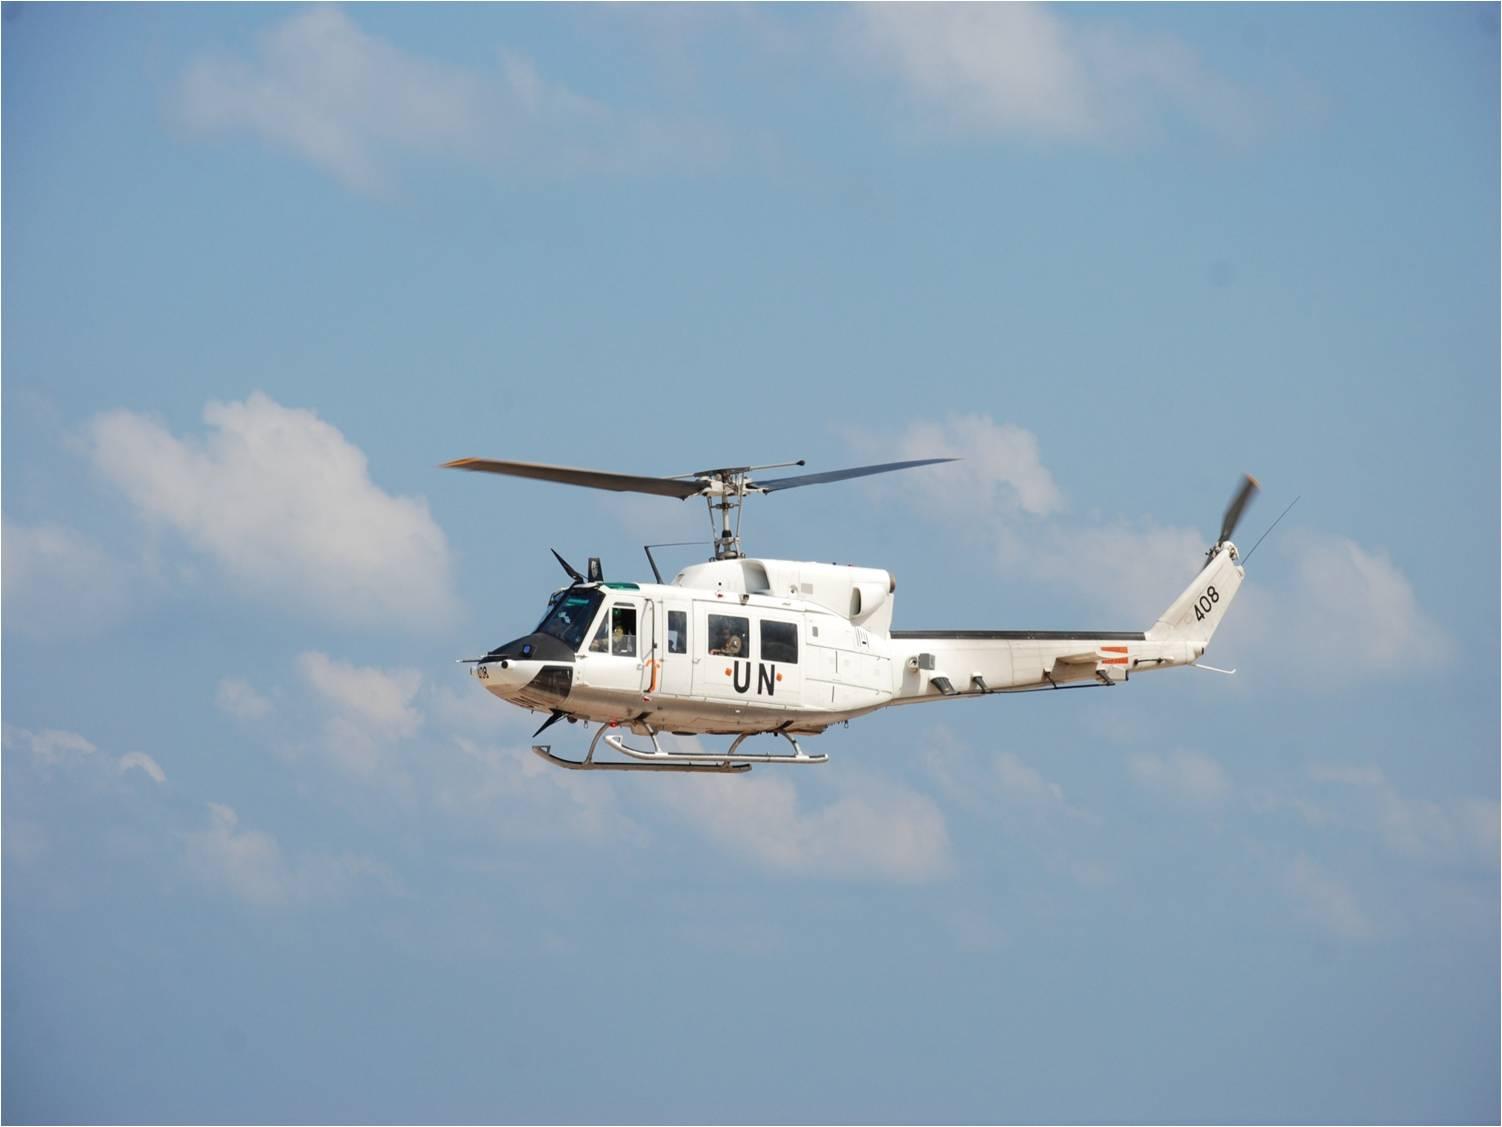 Un Elicottero : Elicottero di u citalairu d ricerca un disperso in mare u associazione